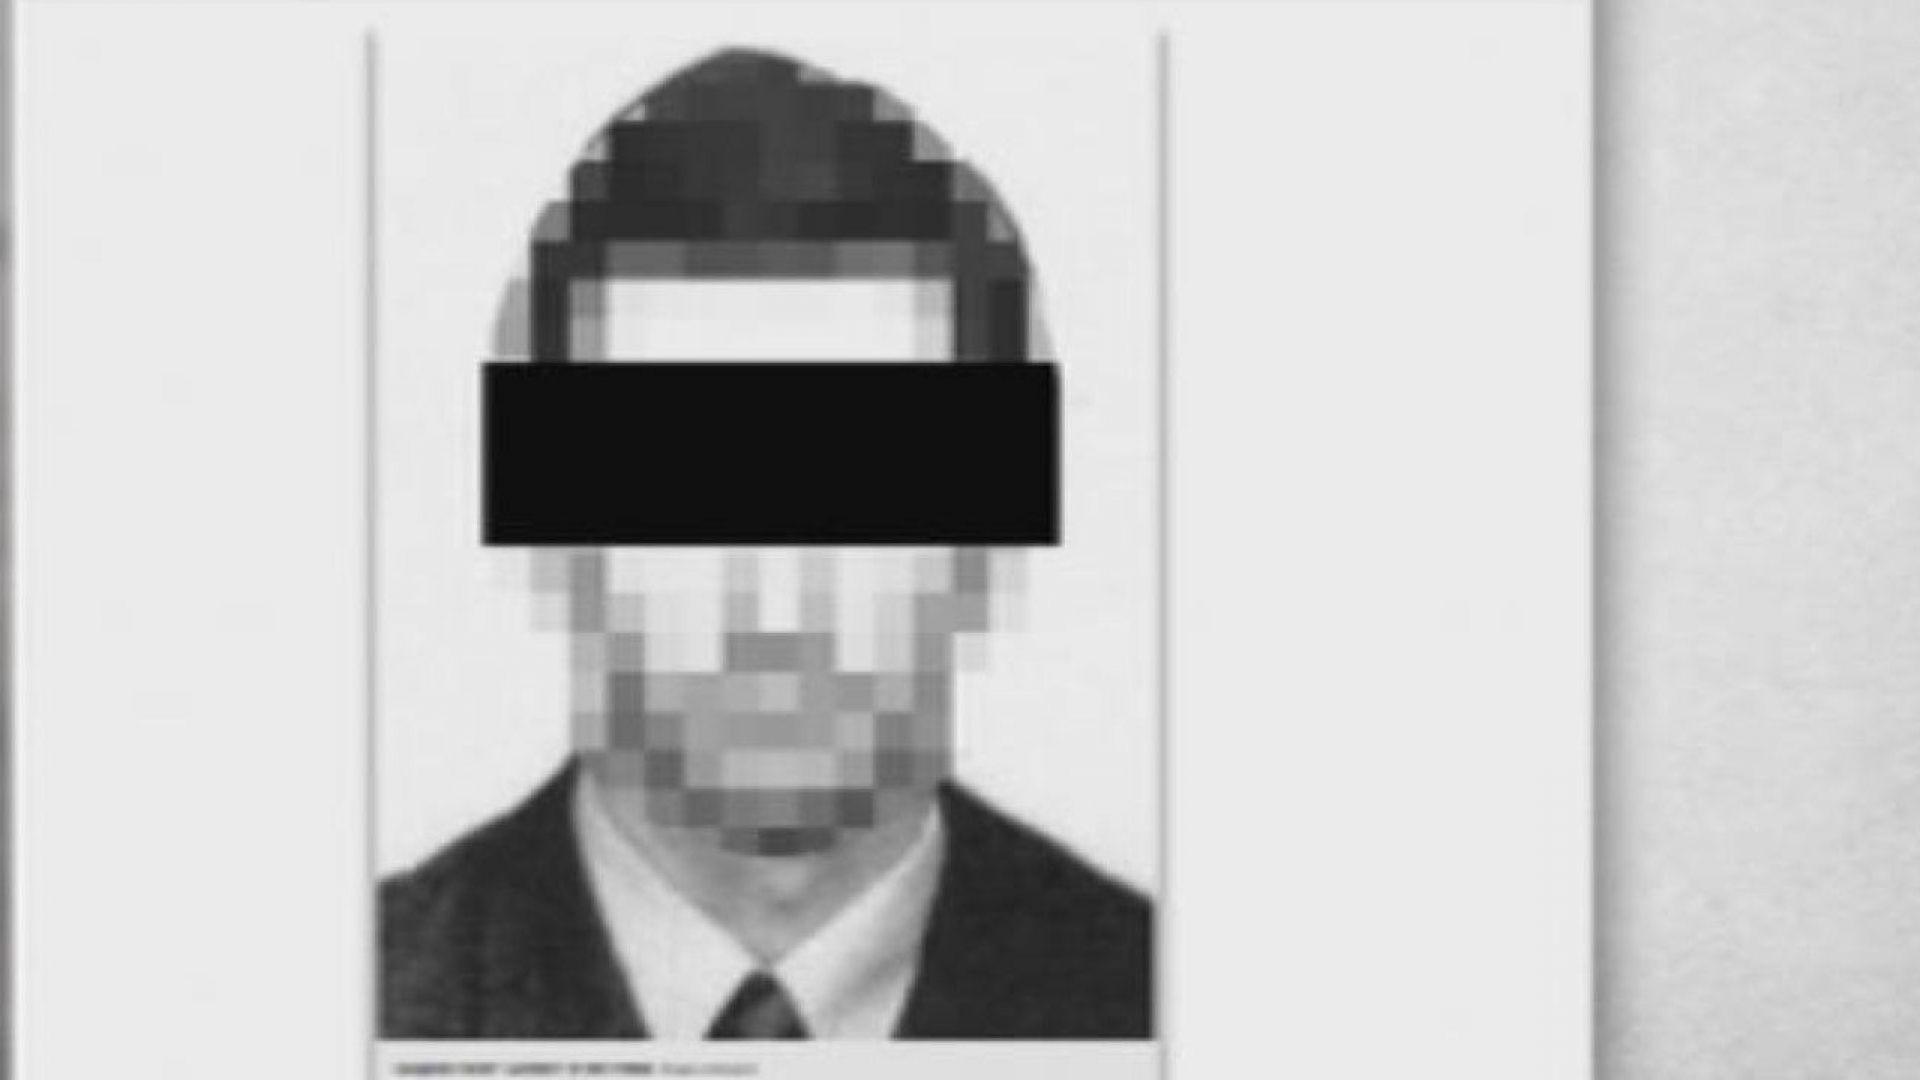 Бившият агент на КГБ Гордън отровил Скрипал и дъщеря му